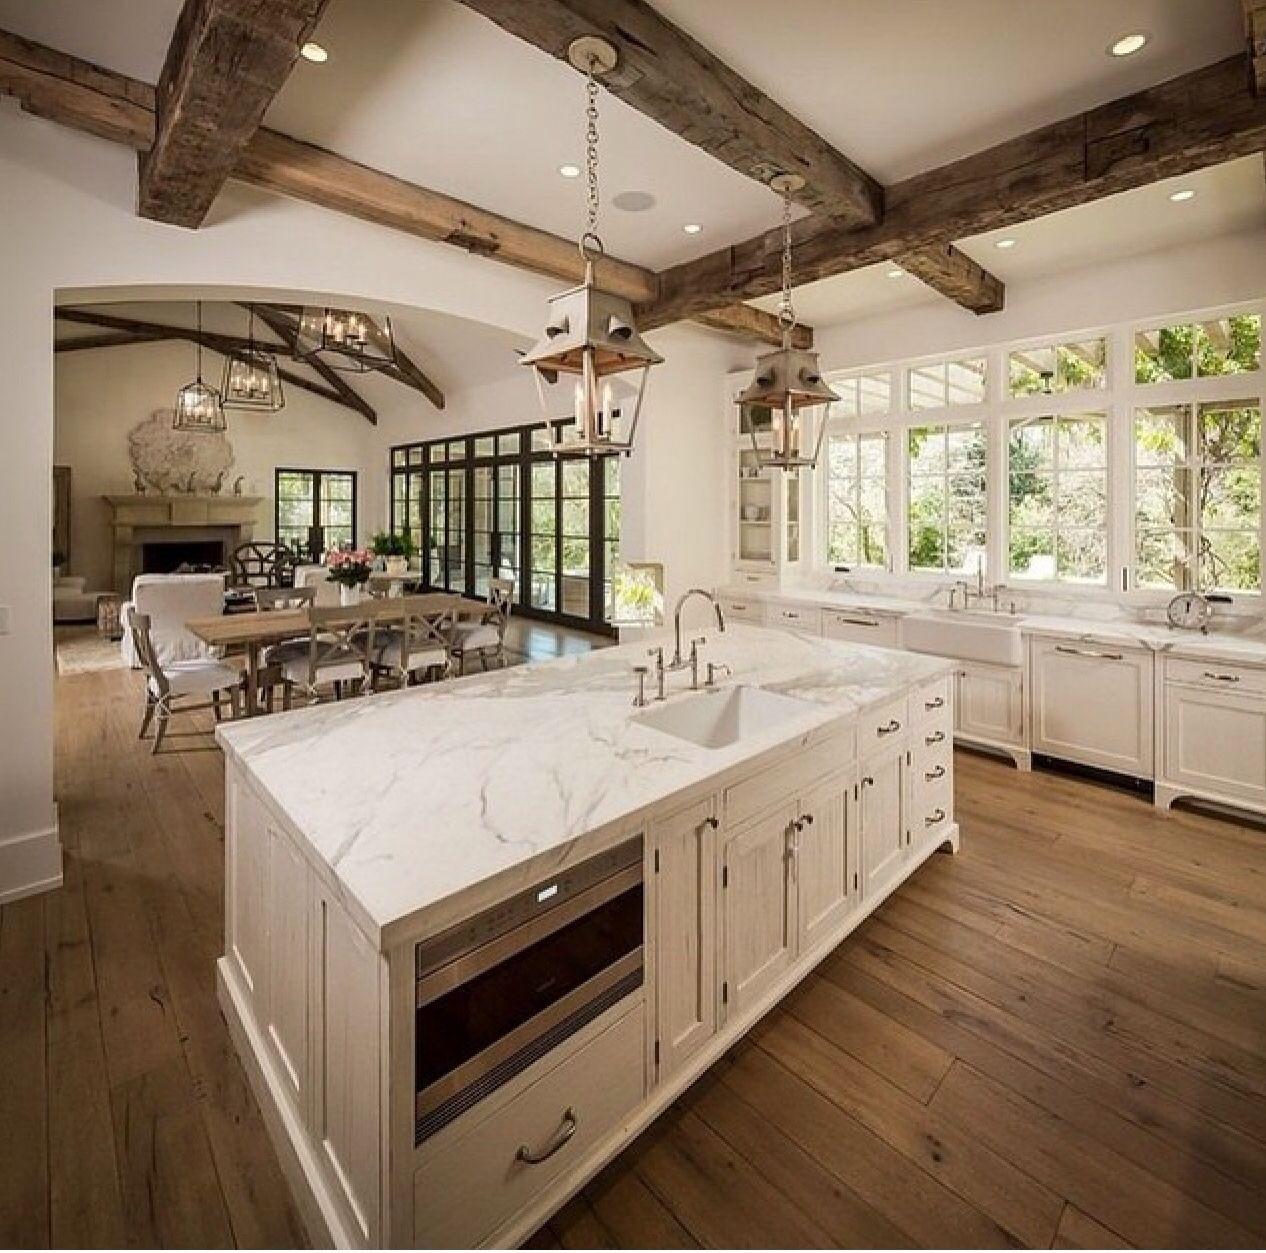 Kutchina Modular Kitchen Arredo Interni Cucina Stile Cucina Cucine Country